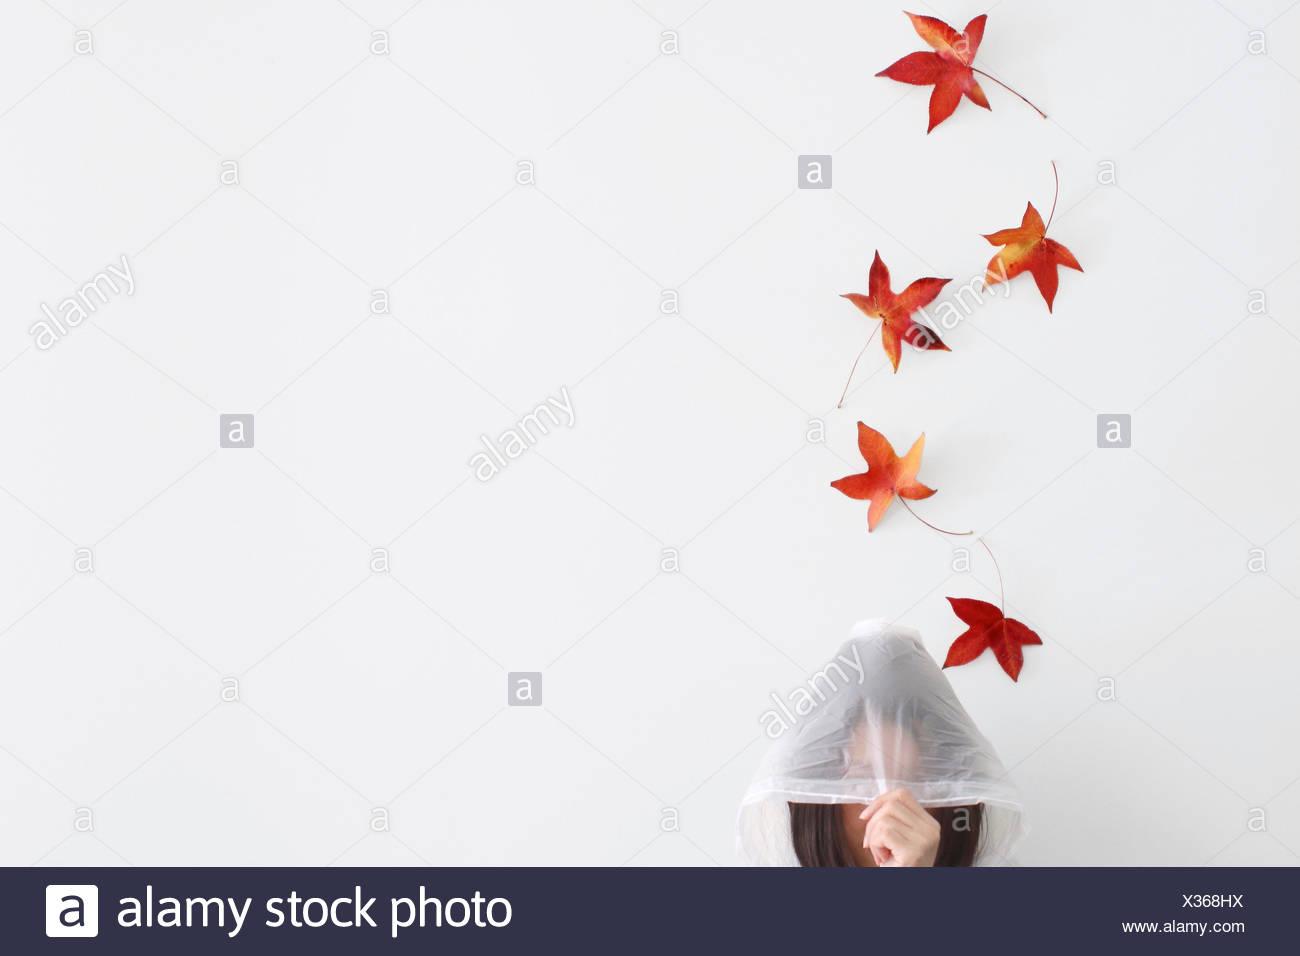 Herbstblätter fallen auf eine Frau trägt einen Regenmantel Stockbild